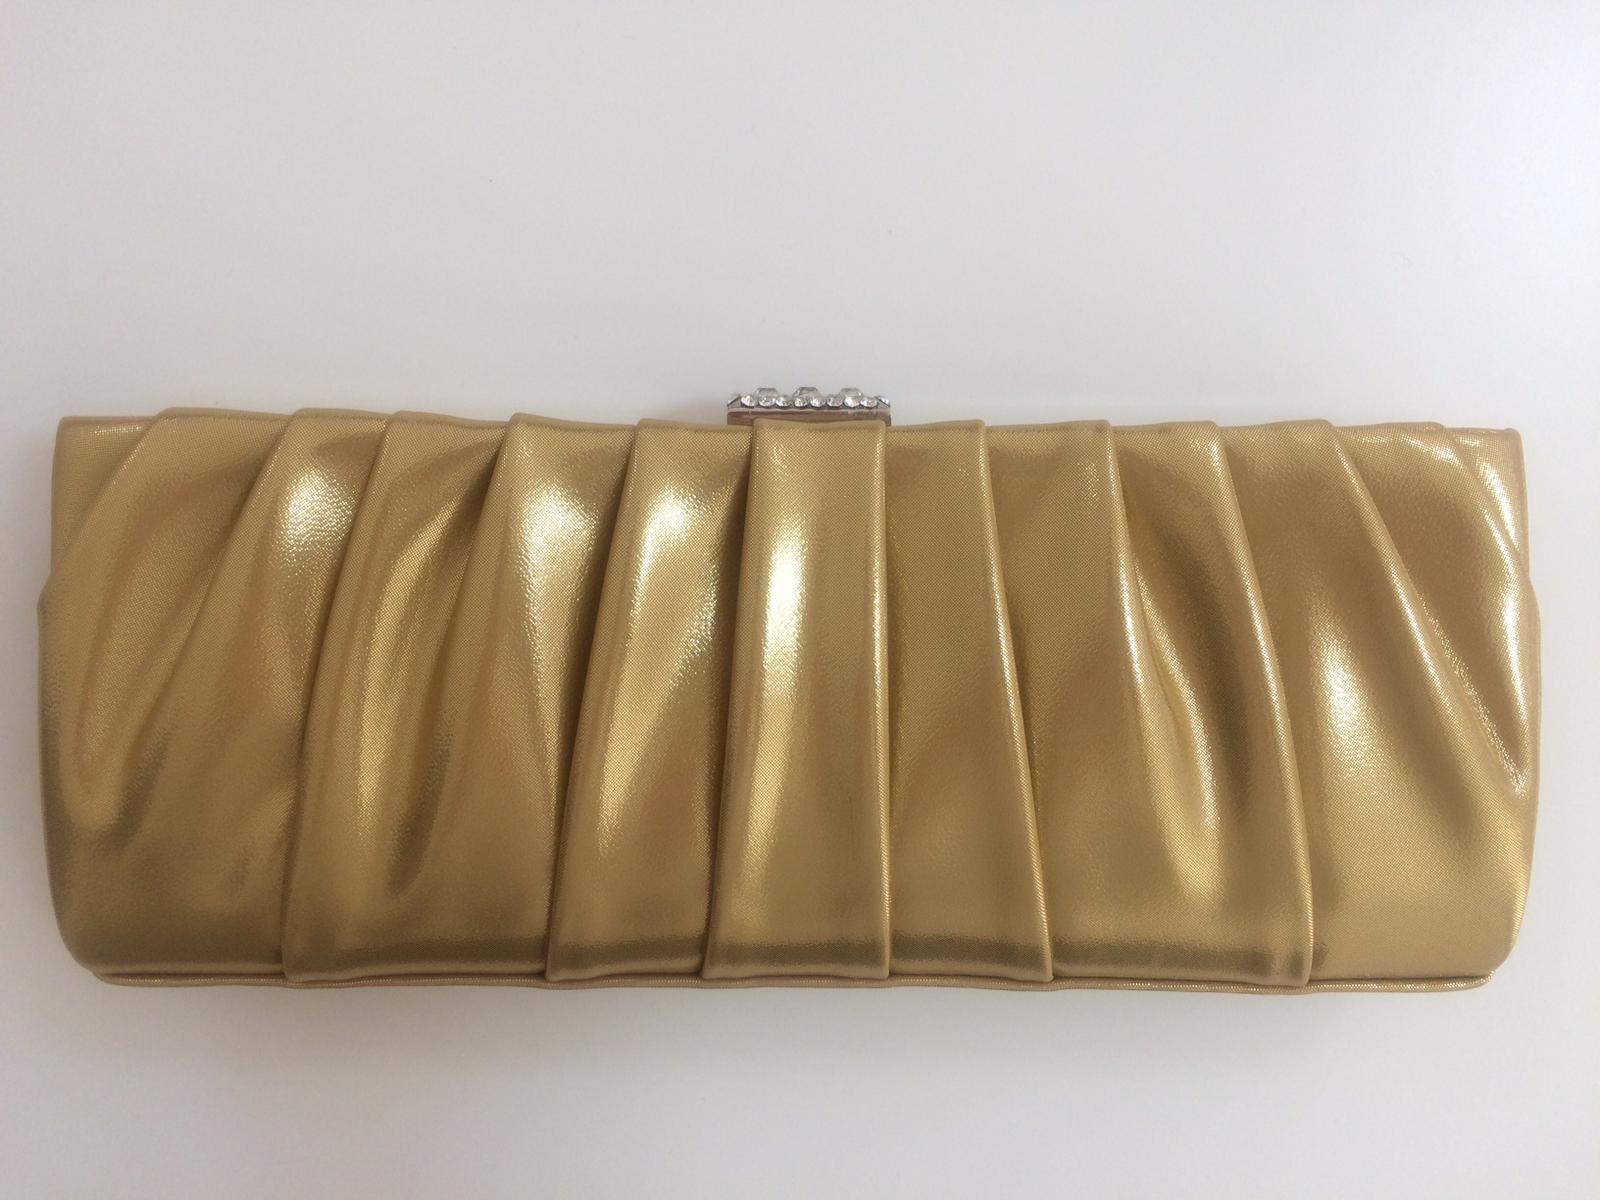 Zlatá listová kabelka FELICITY - Obrázok č. 2